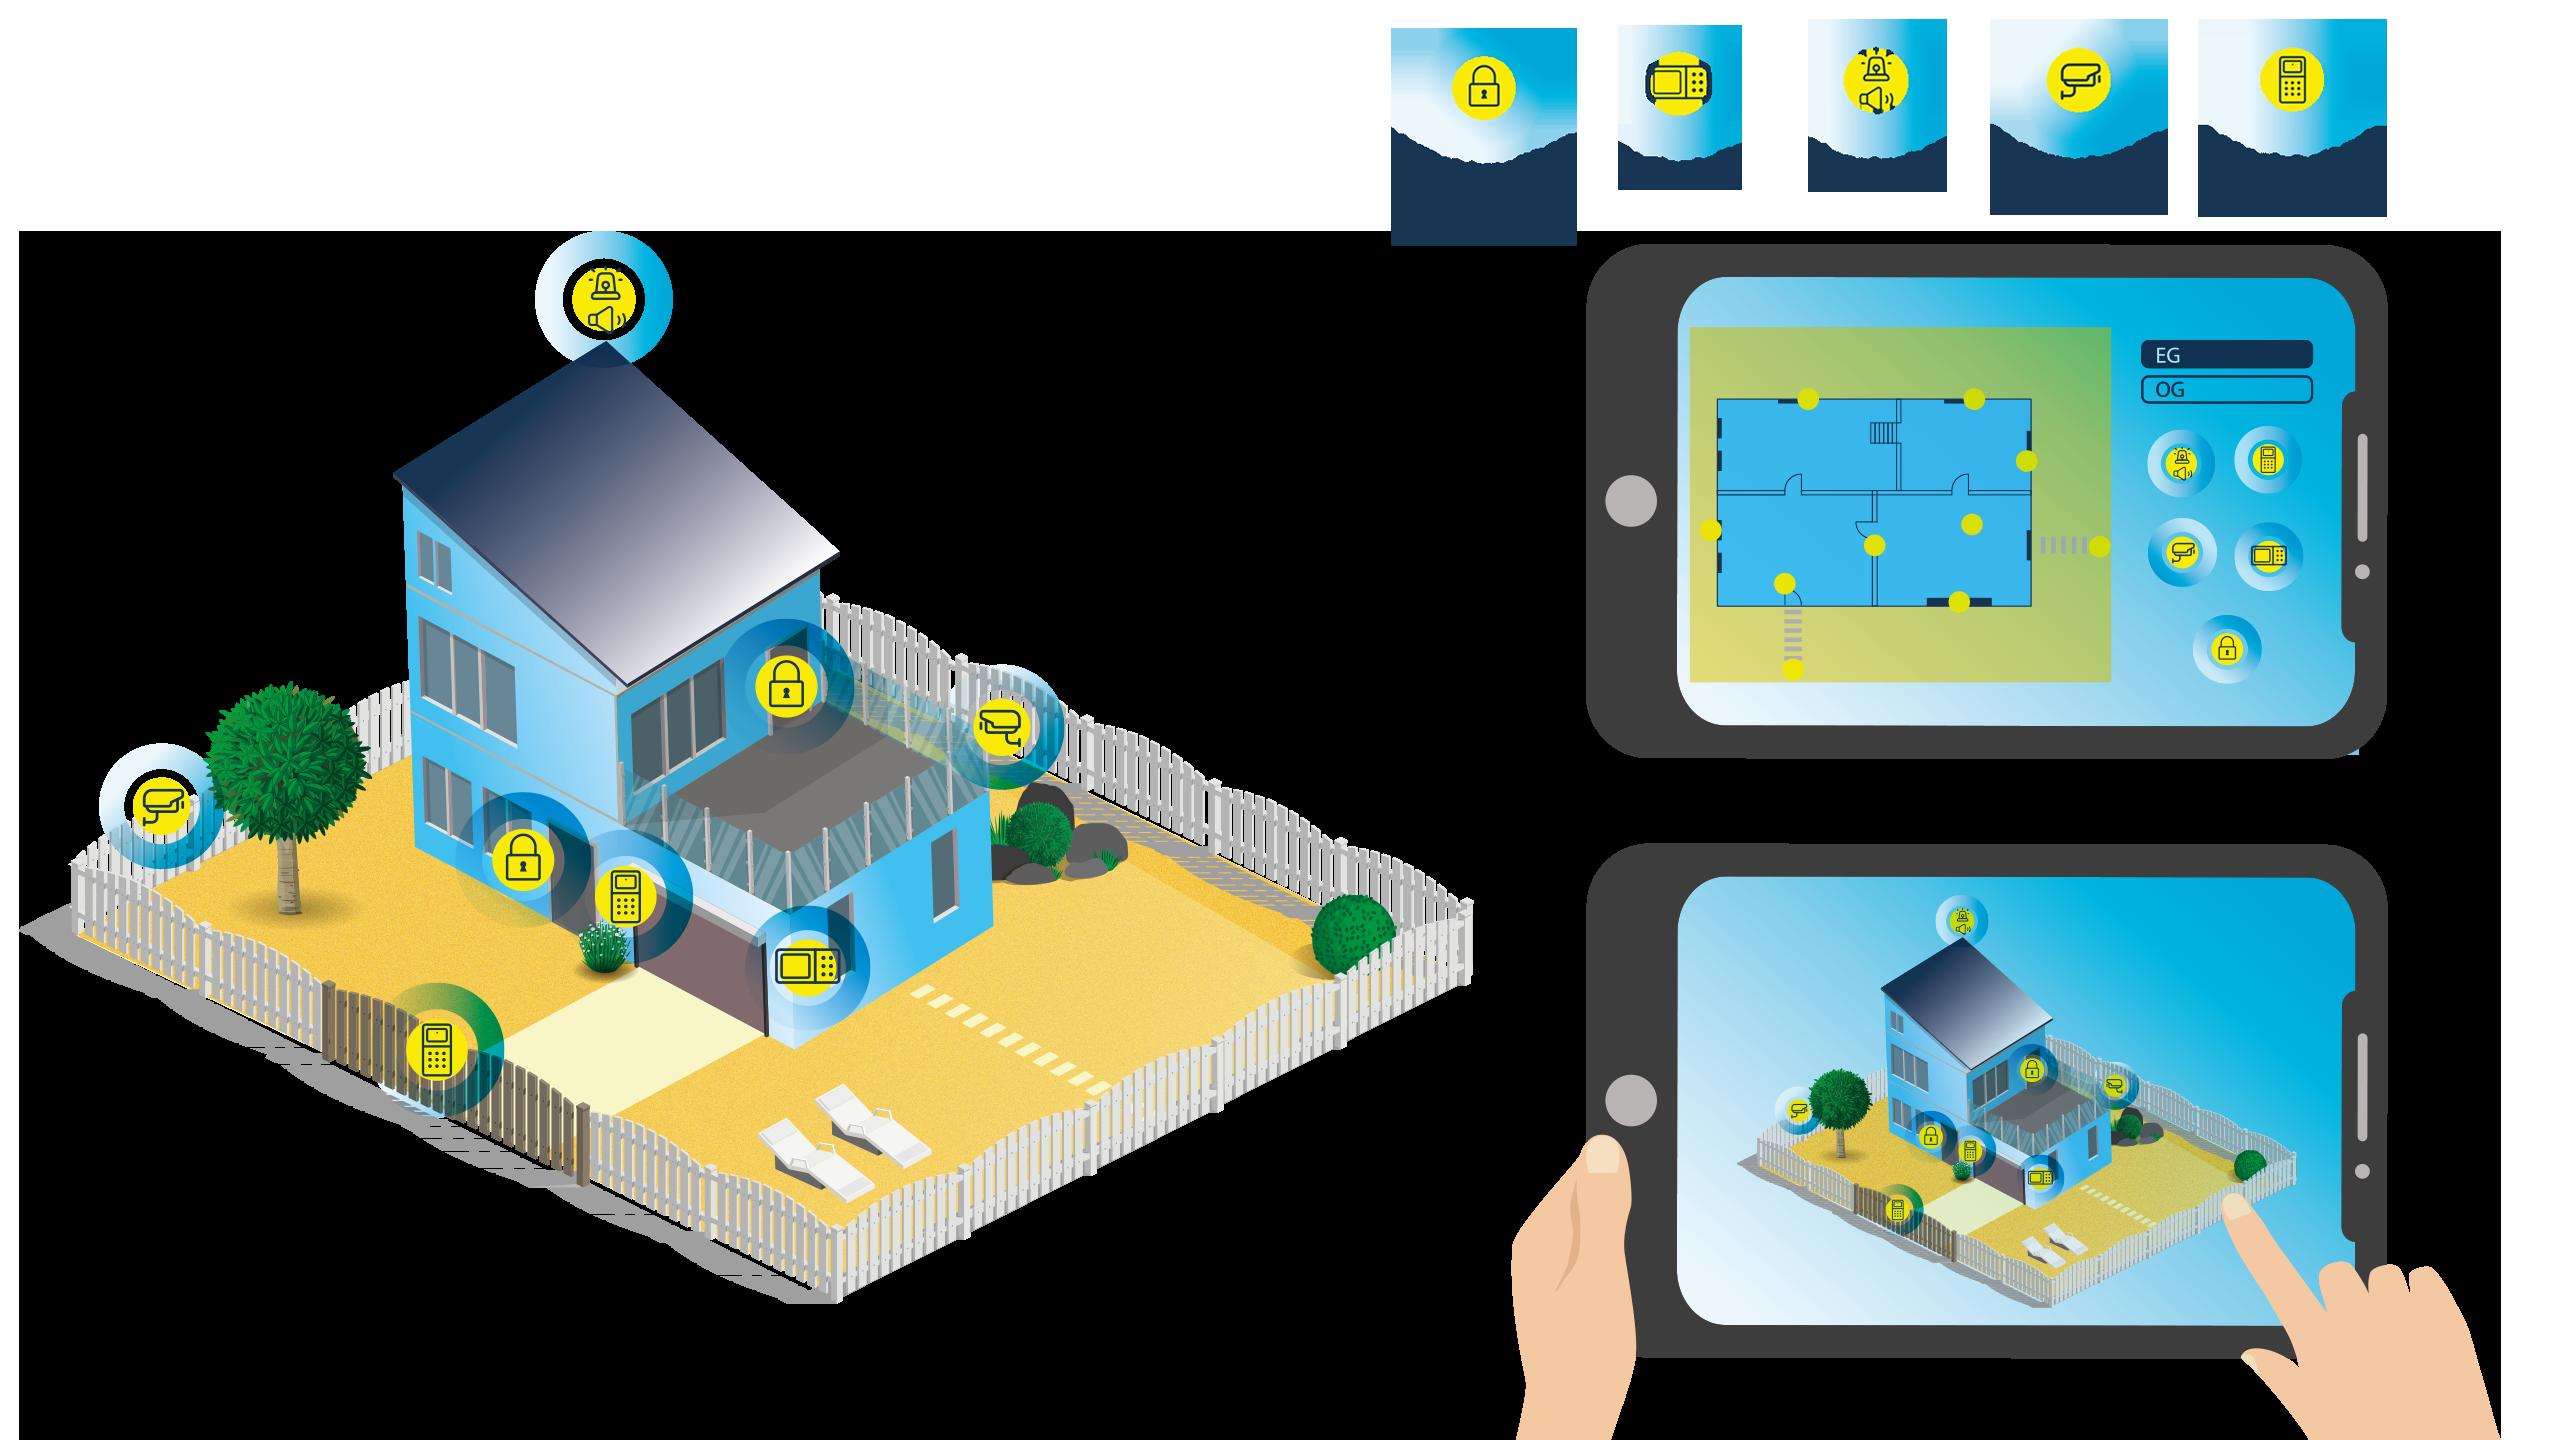 Infografik. Darstellung eines Privathauses mit allen Einbruchmeldekompenten. Auf einem Device kann die Absicherung gesteuert werden. Alles auf einen Blick.